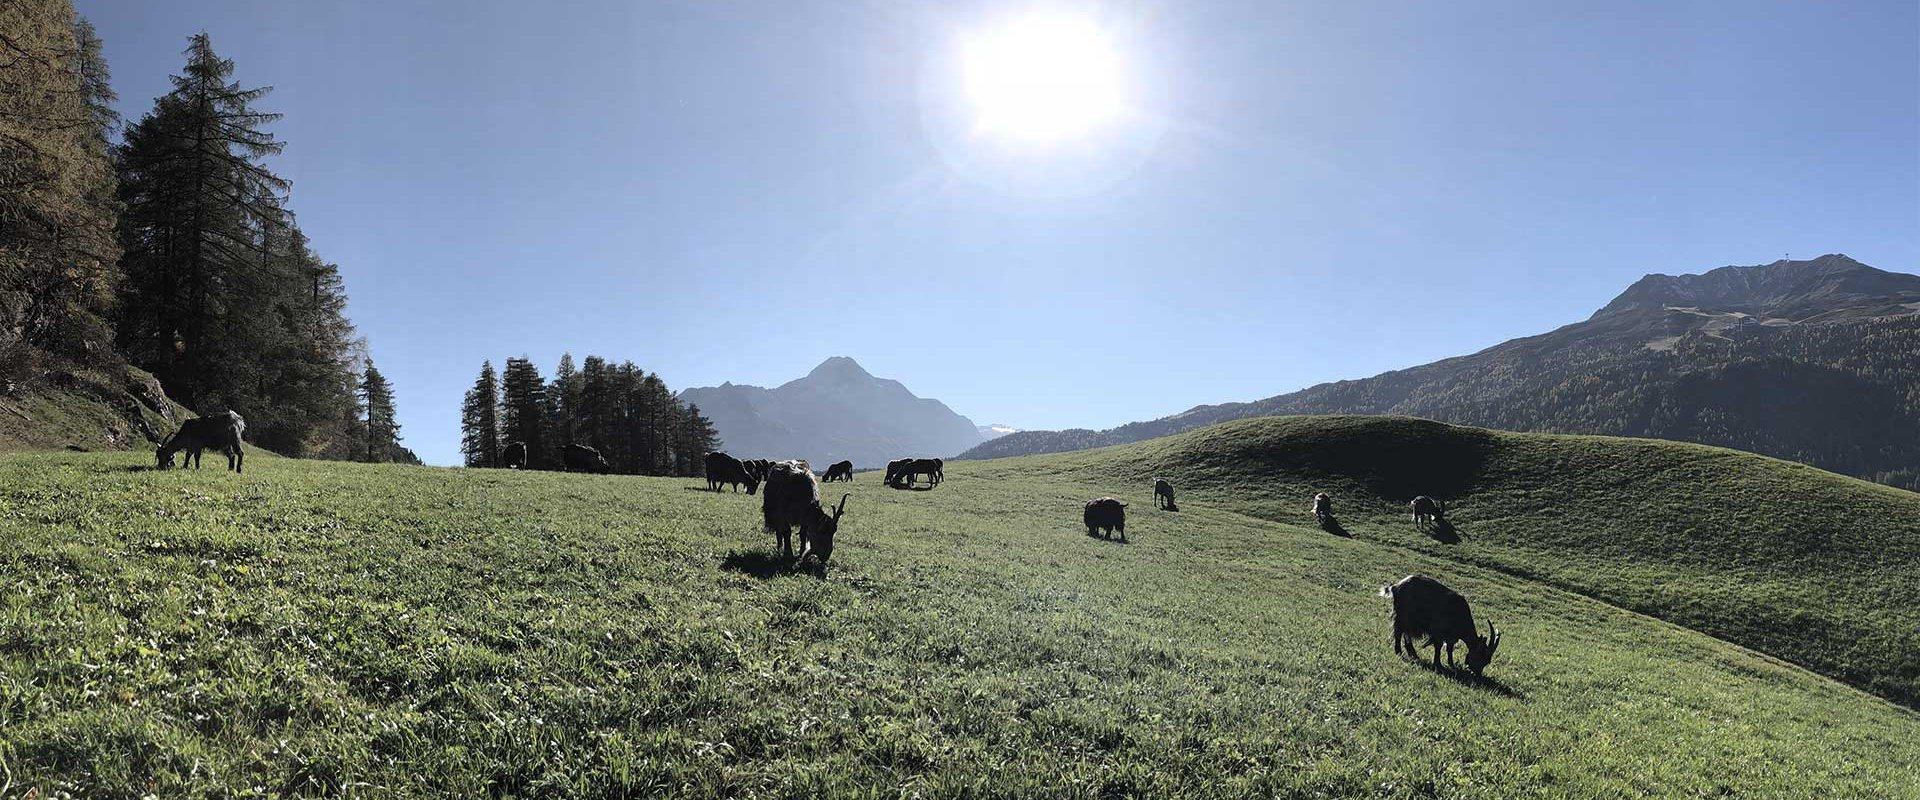 Urlaub am Bauernhof in Sölden im Ötztal